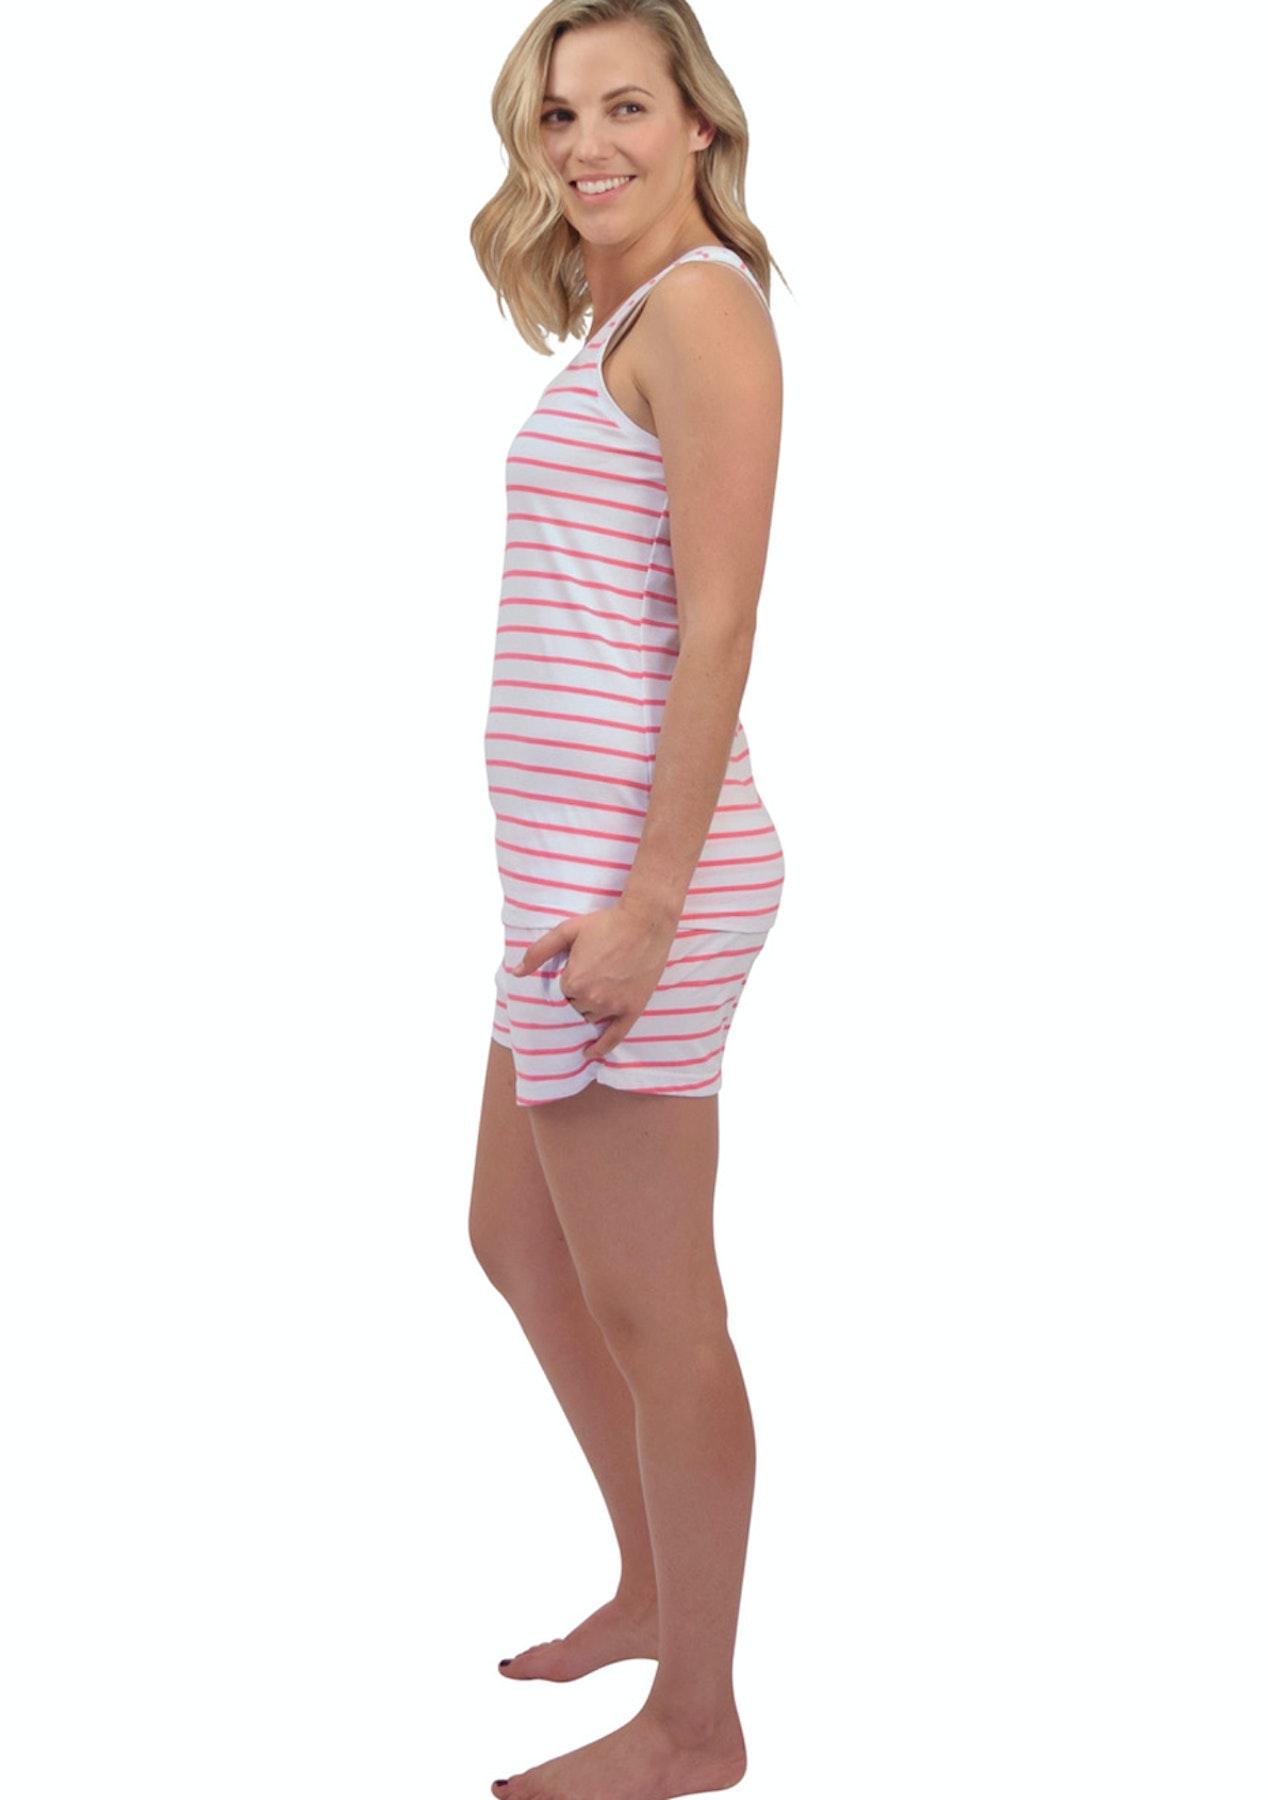 8f02df728961 Sant   Abel - Women - Tank   Jersey Tops - Pink Zebra - Luxe Silk    Sleepwear - Onceit